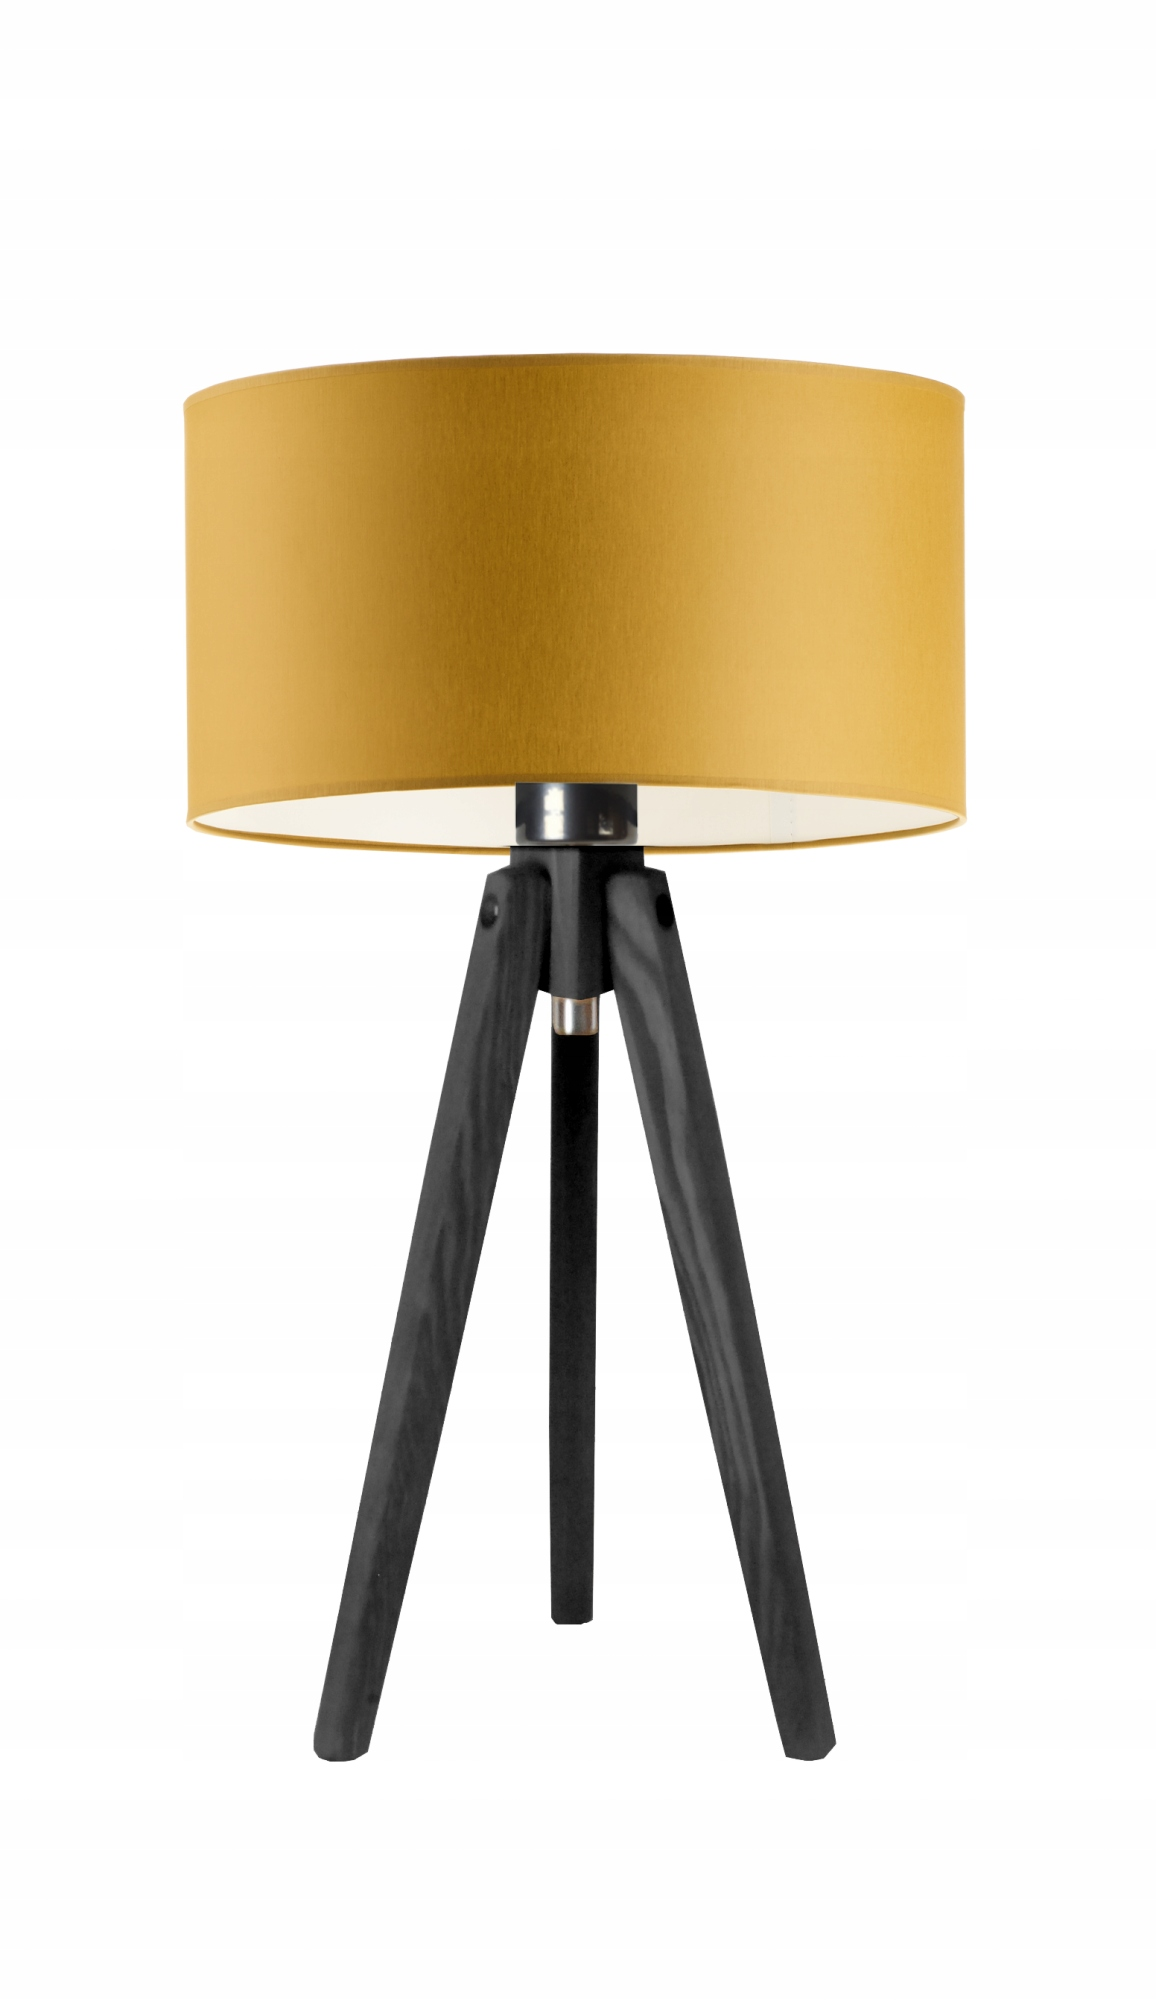 Drevo Lampa noc písací Stôl, Sadzba je 24 p/populácií vošky krmivo na horčica